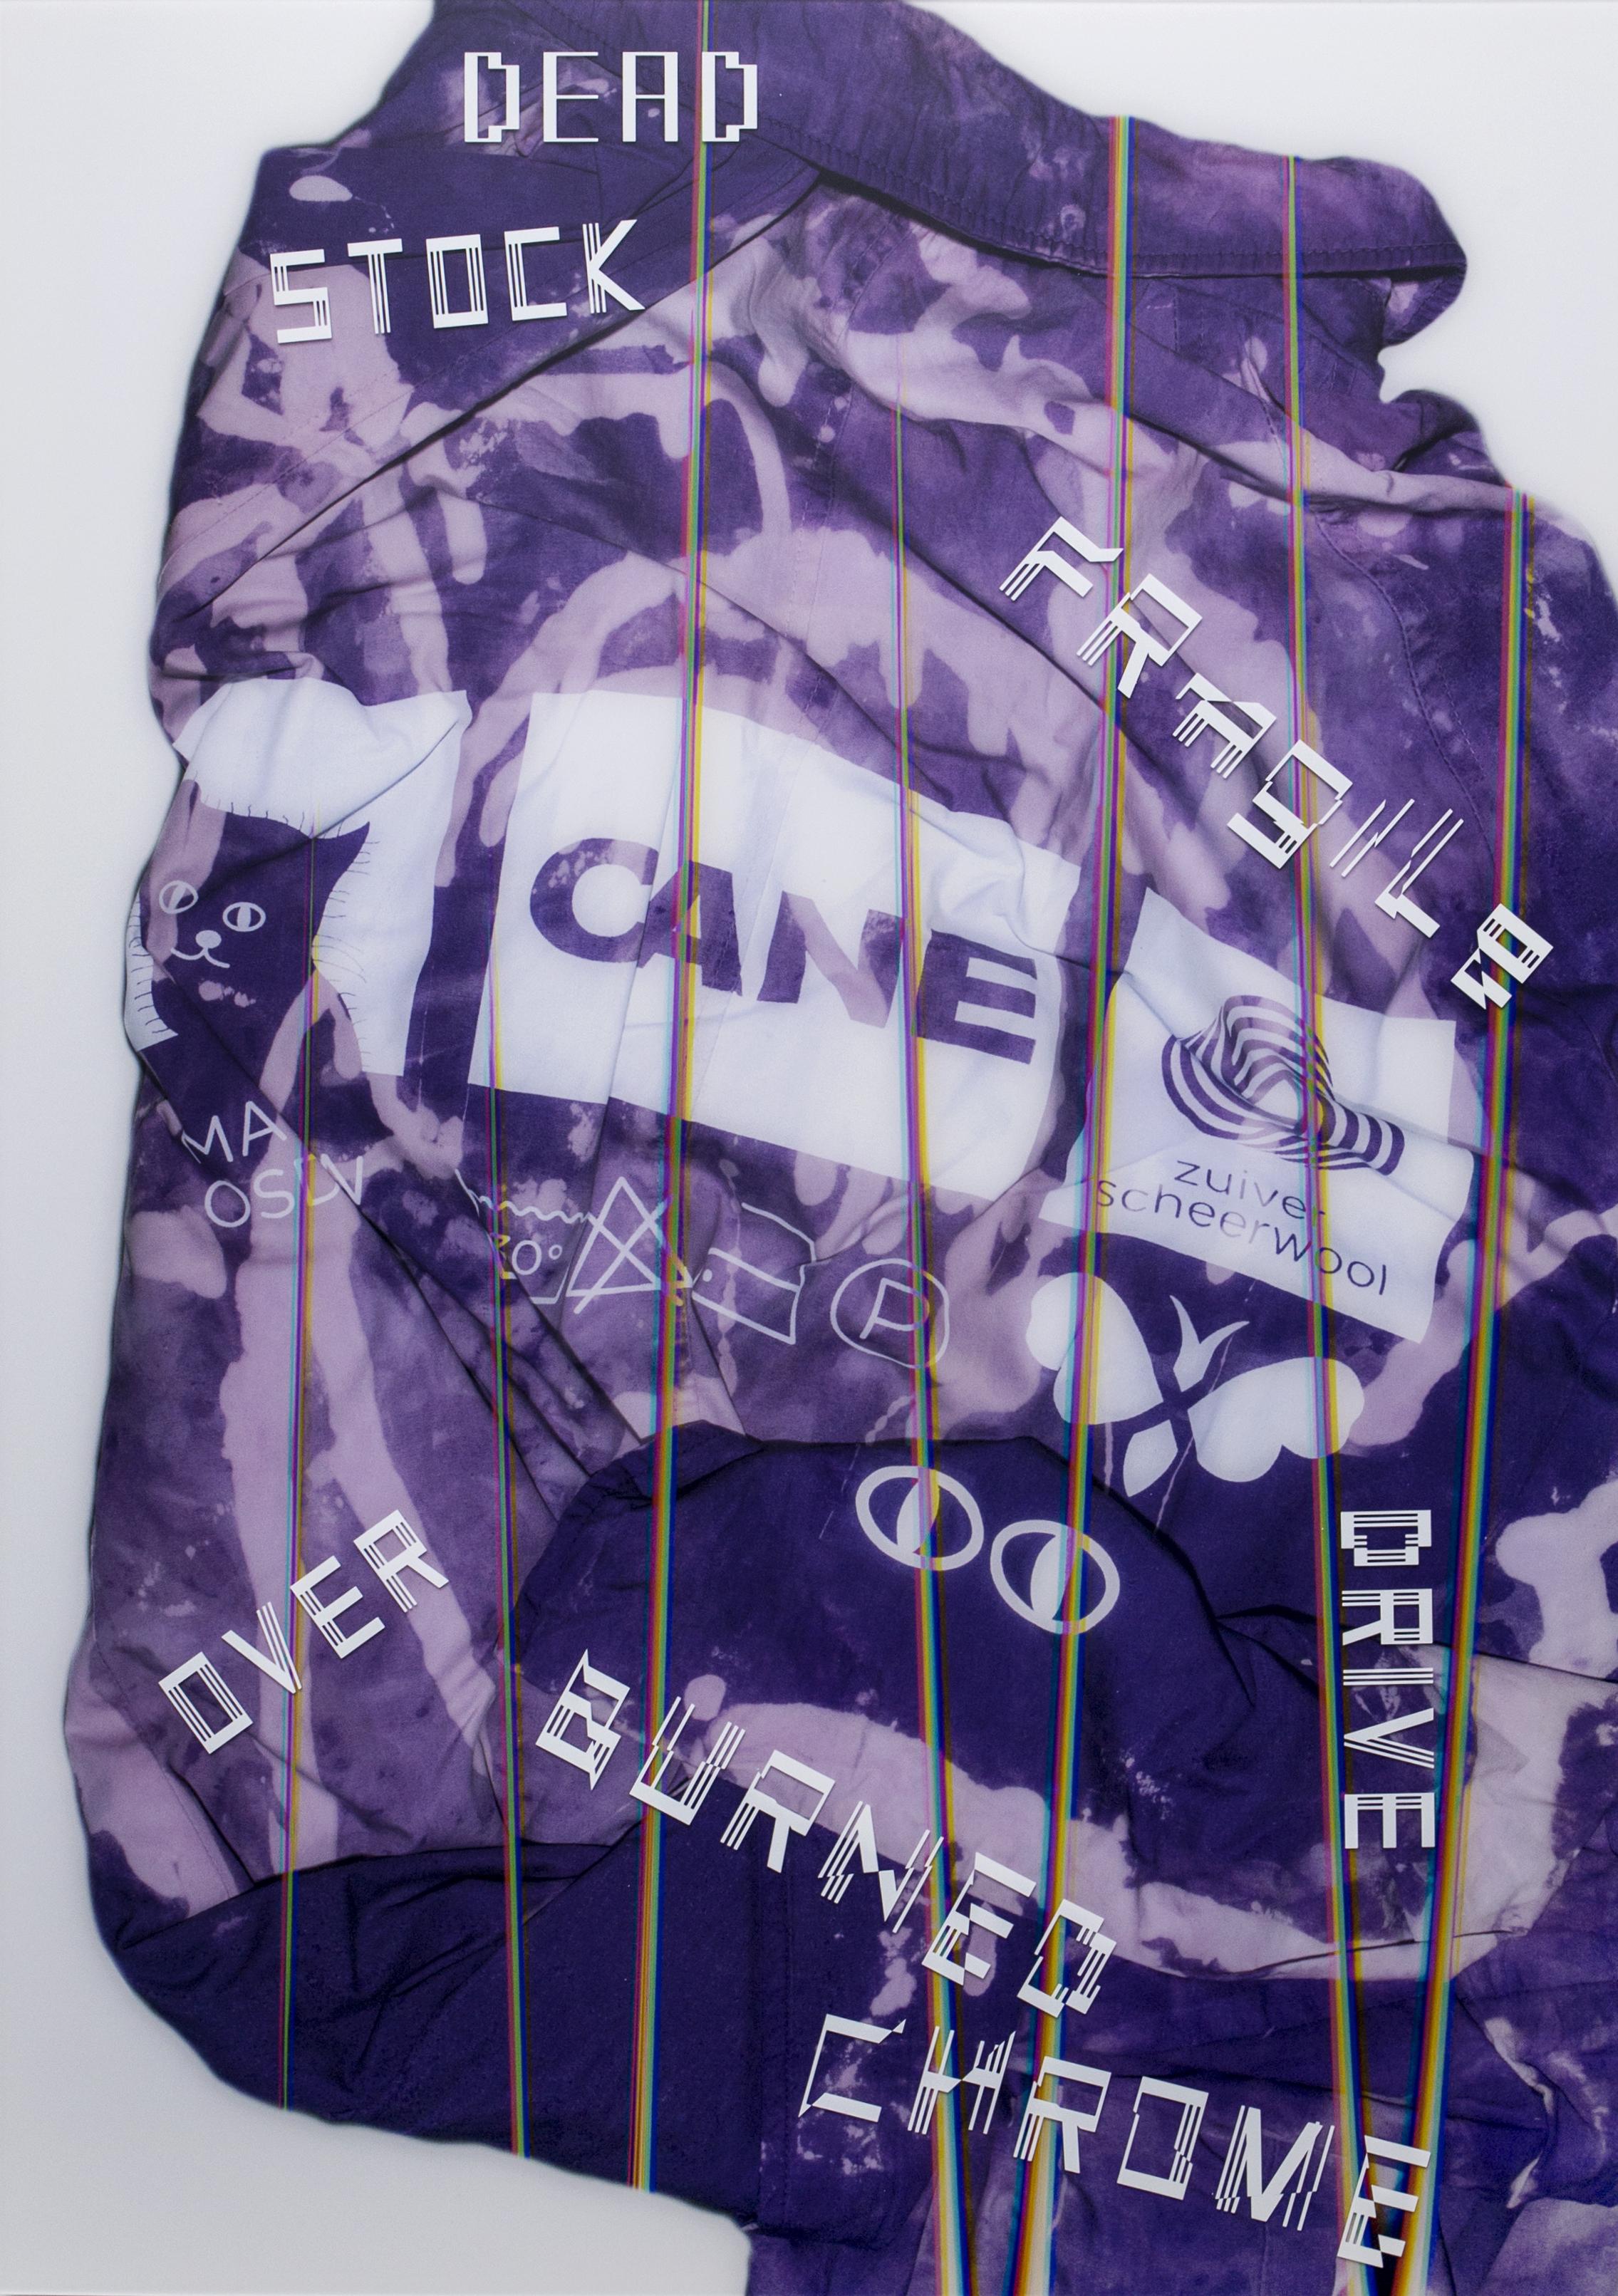 Purple Lizotte - Avoidstreet, Purple Lizotte, 2018life-size scan, inkjet print, vinyl on diasec aluminum, 118,9 x 84,1cm, courtesy of Mikel Orfanos, unique€ 2.000,- incl. VAT, certificate of authenticity